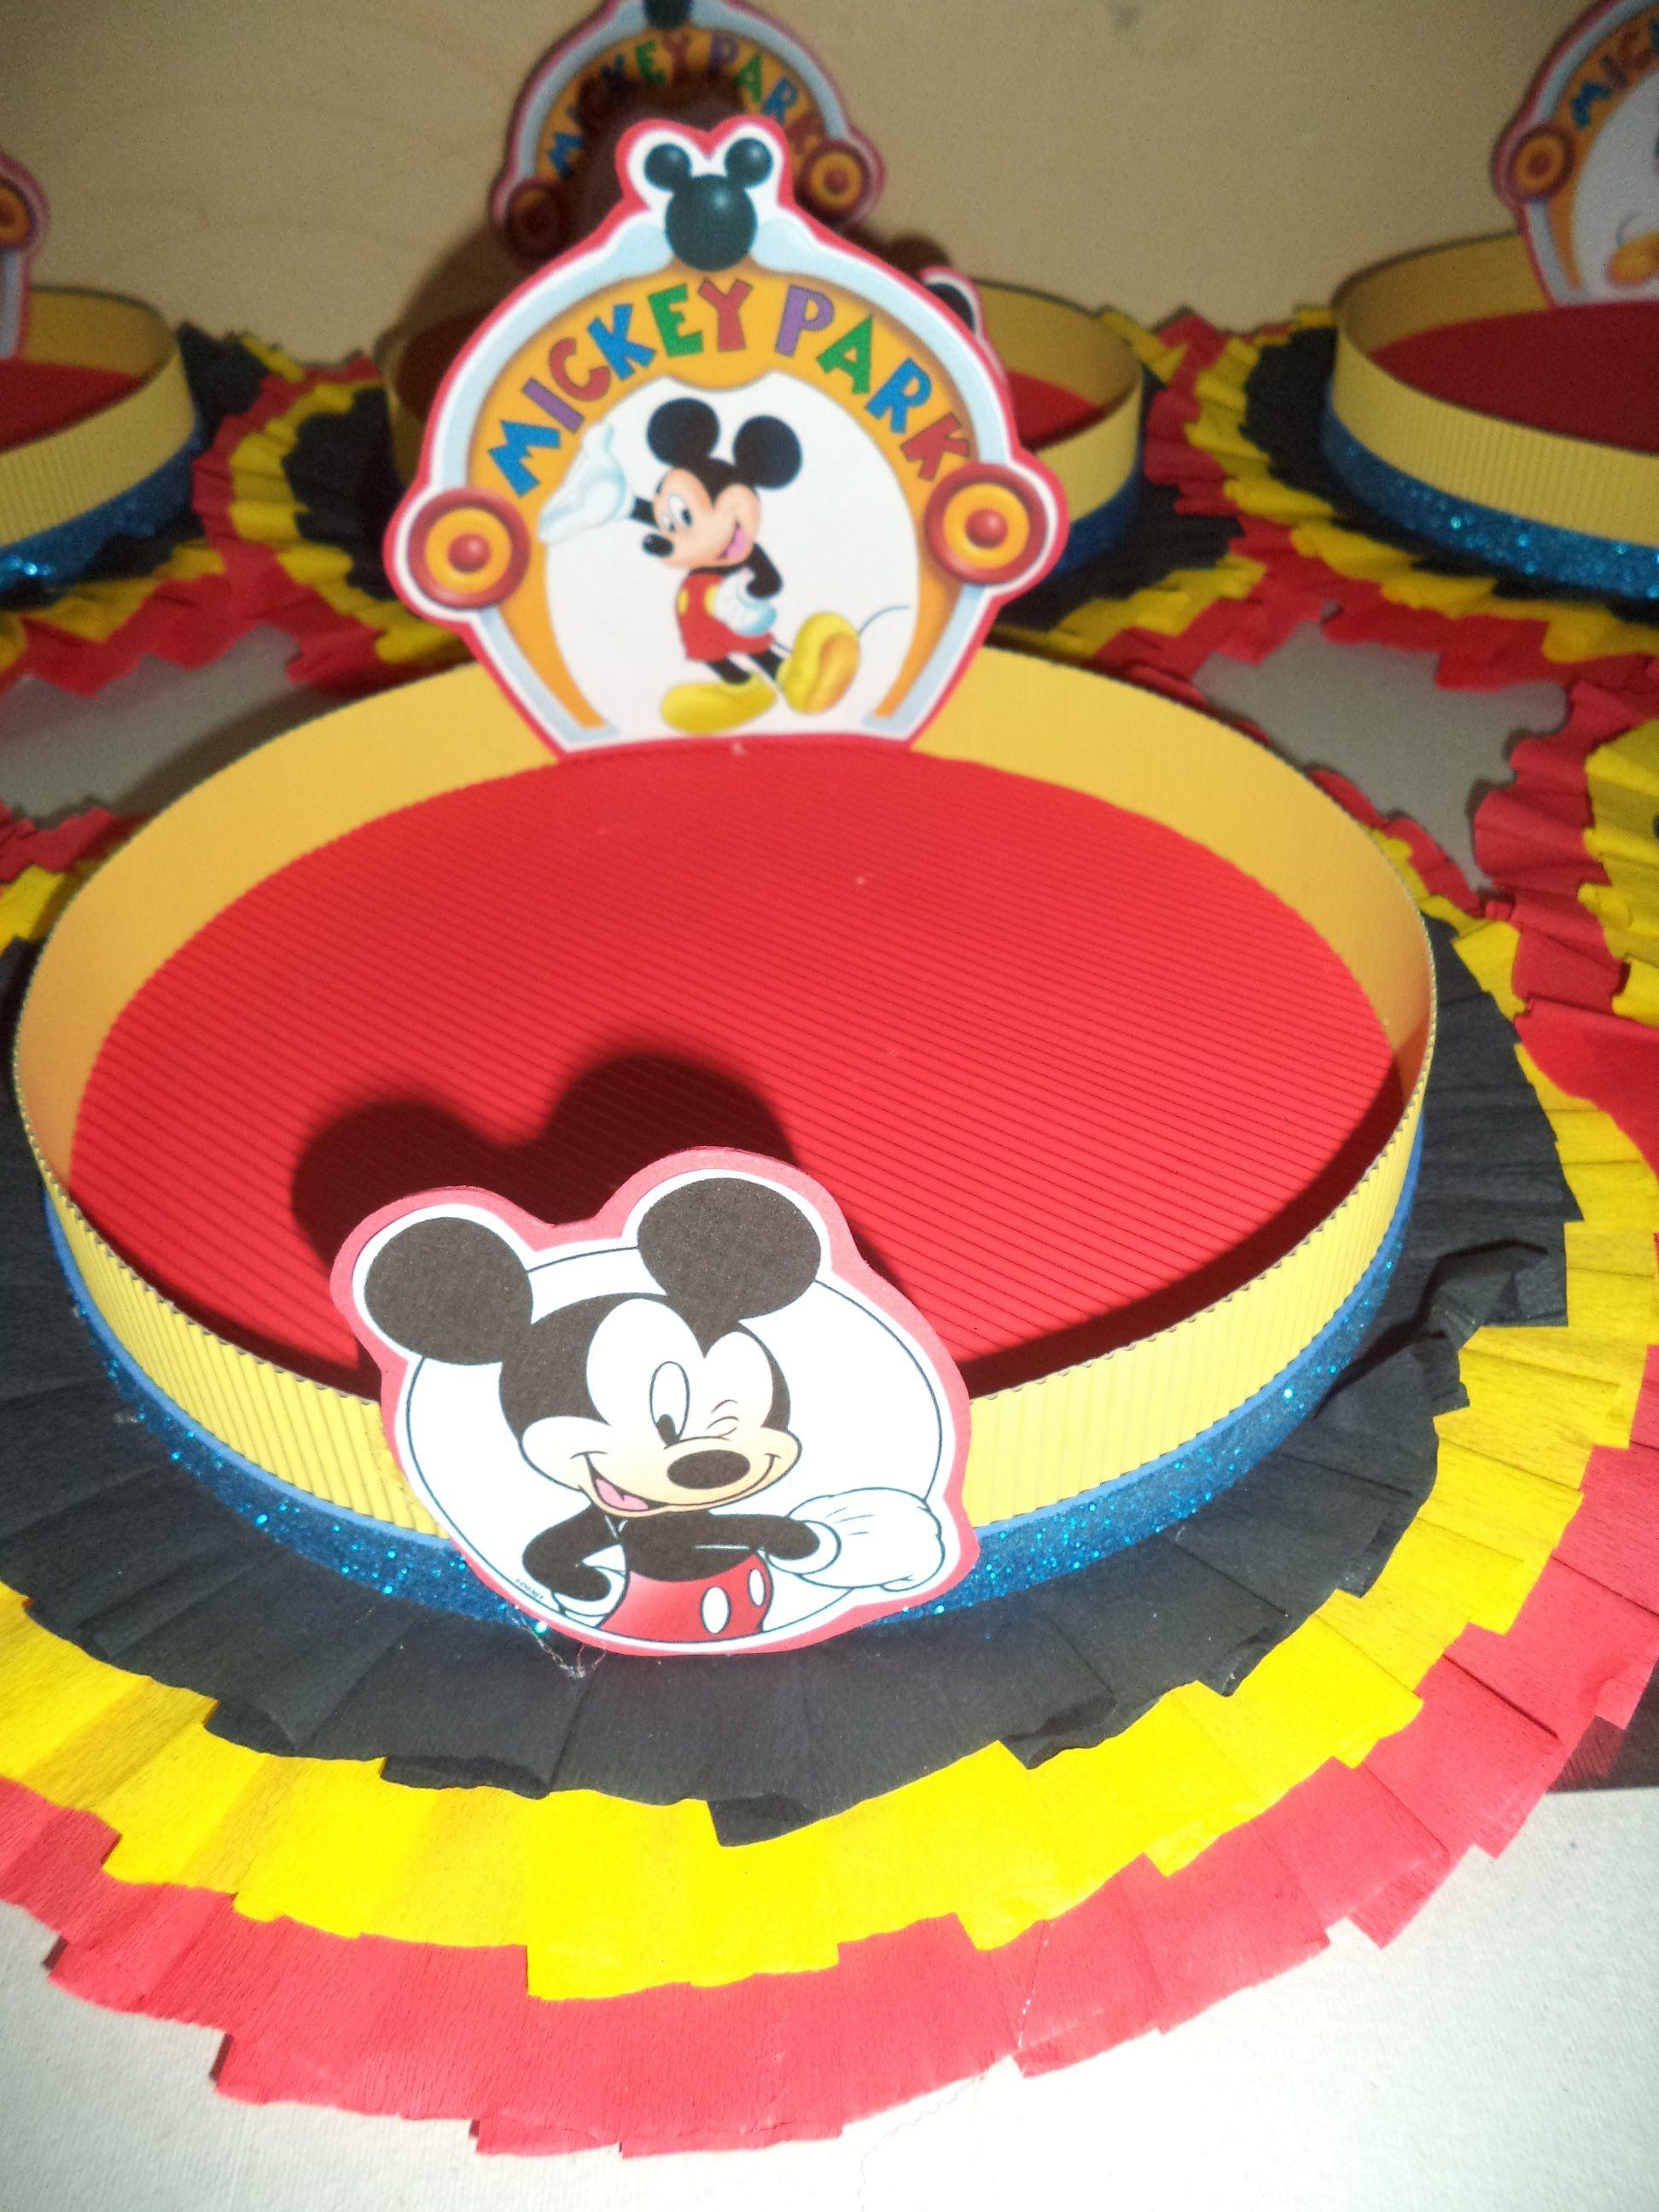 Como hacer bandeja decorada para cumplea os fiestas - Preparar fiesta cumpleanos ...